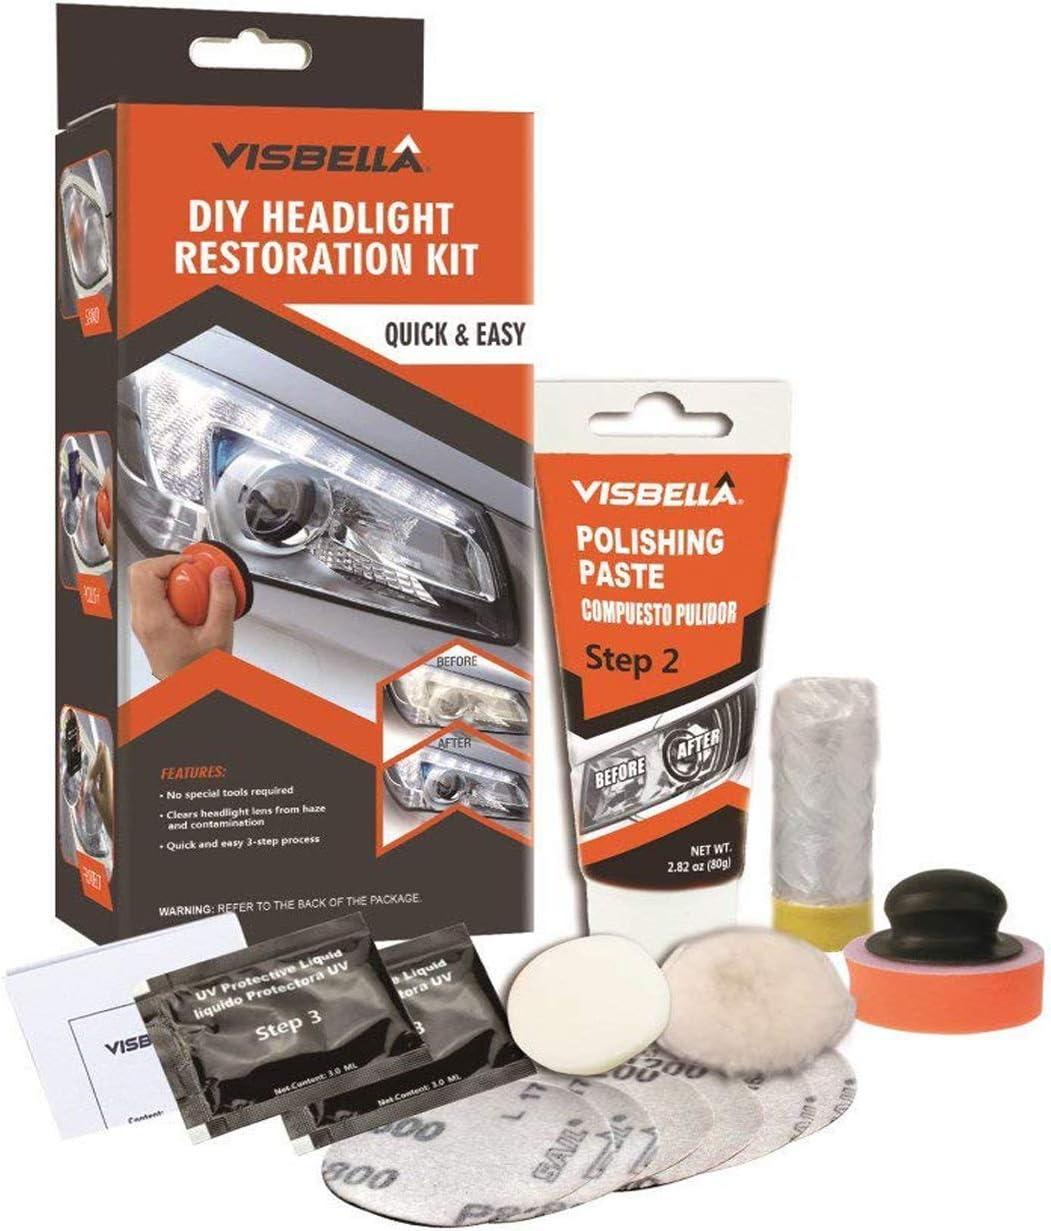 Visbella Kit de restauración de Faros Delanteros con Pulido, para Restaurar Faros turbios, amarillentos o Desgastados,Manual